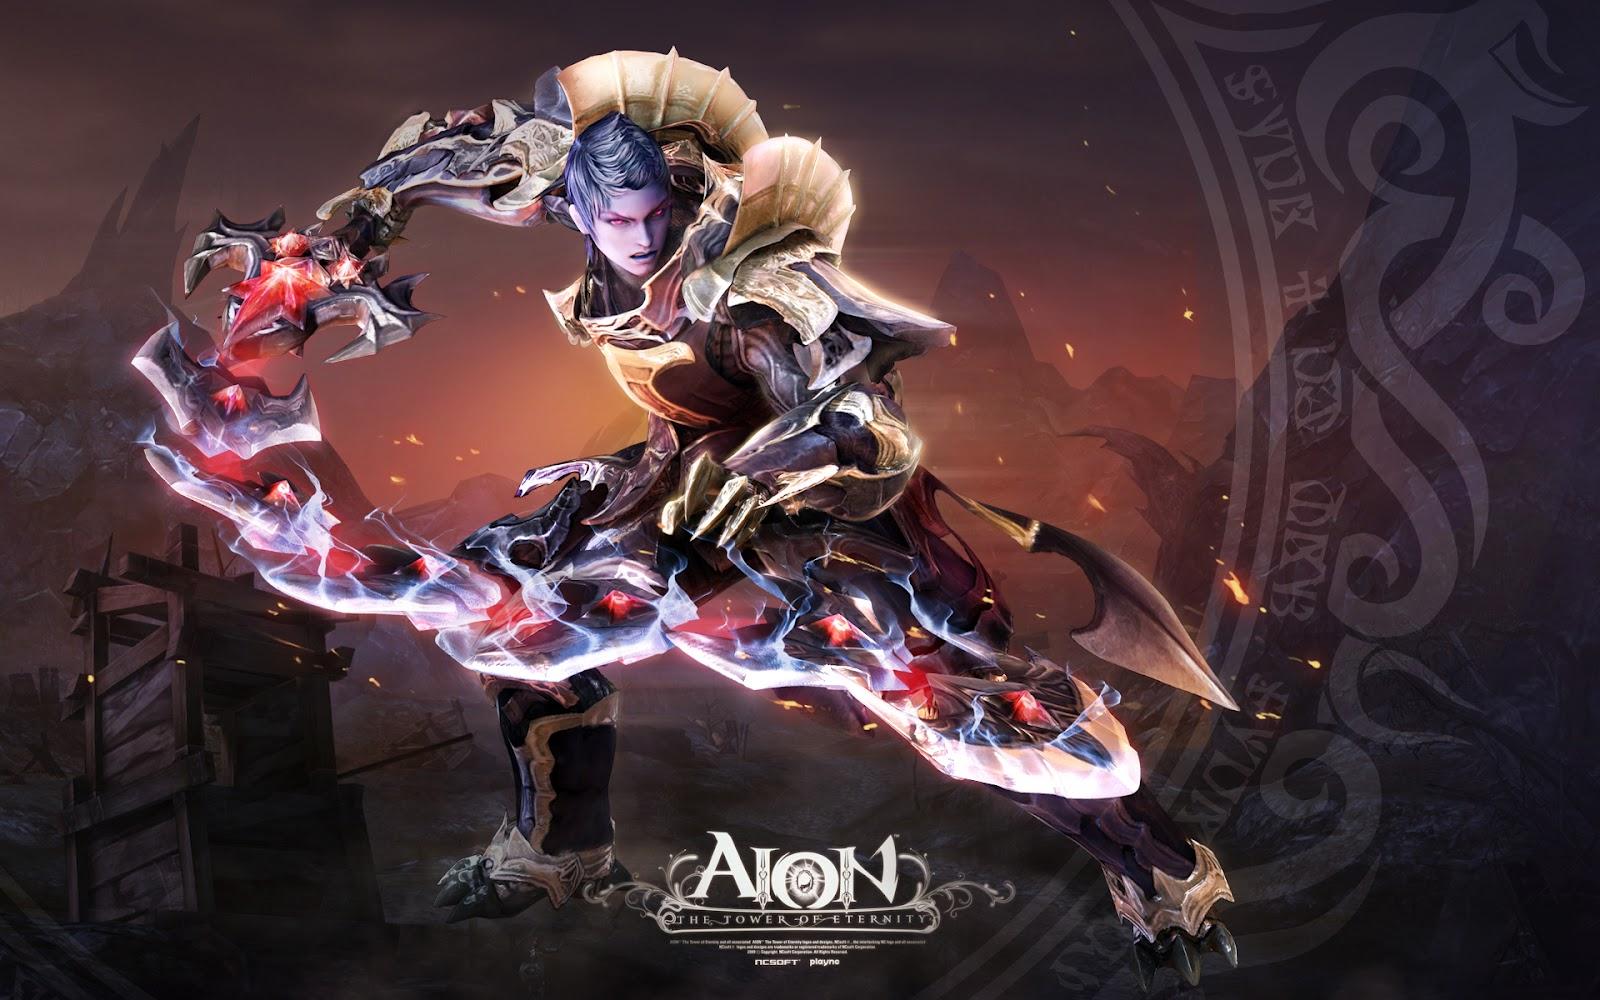 http://2.bp.blogspot.com/-gDoQoUNFRCc/UBM7ftlHmzI/AAAAAAAADu4/aF4l0bteR40/s1600/Aion+Online+wallpapers_gladiator_asmo.jpg